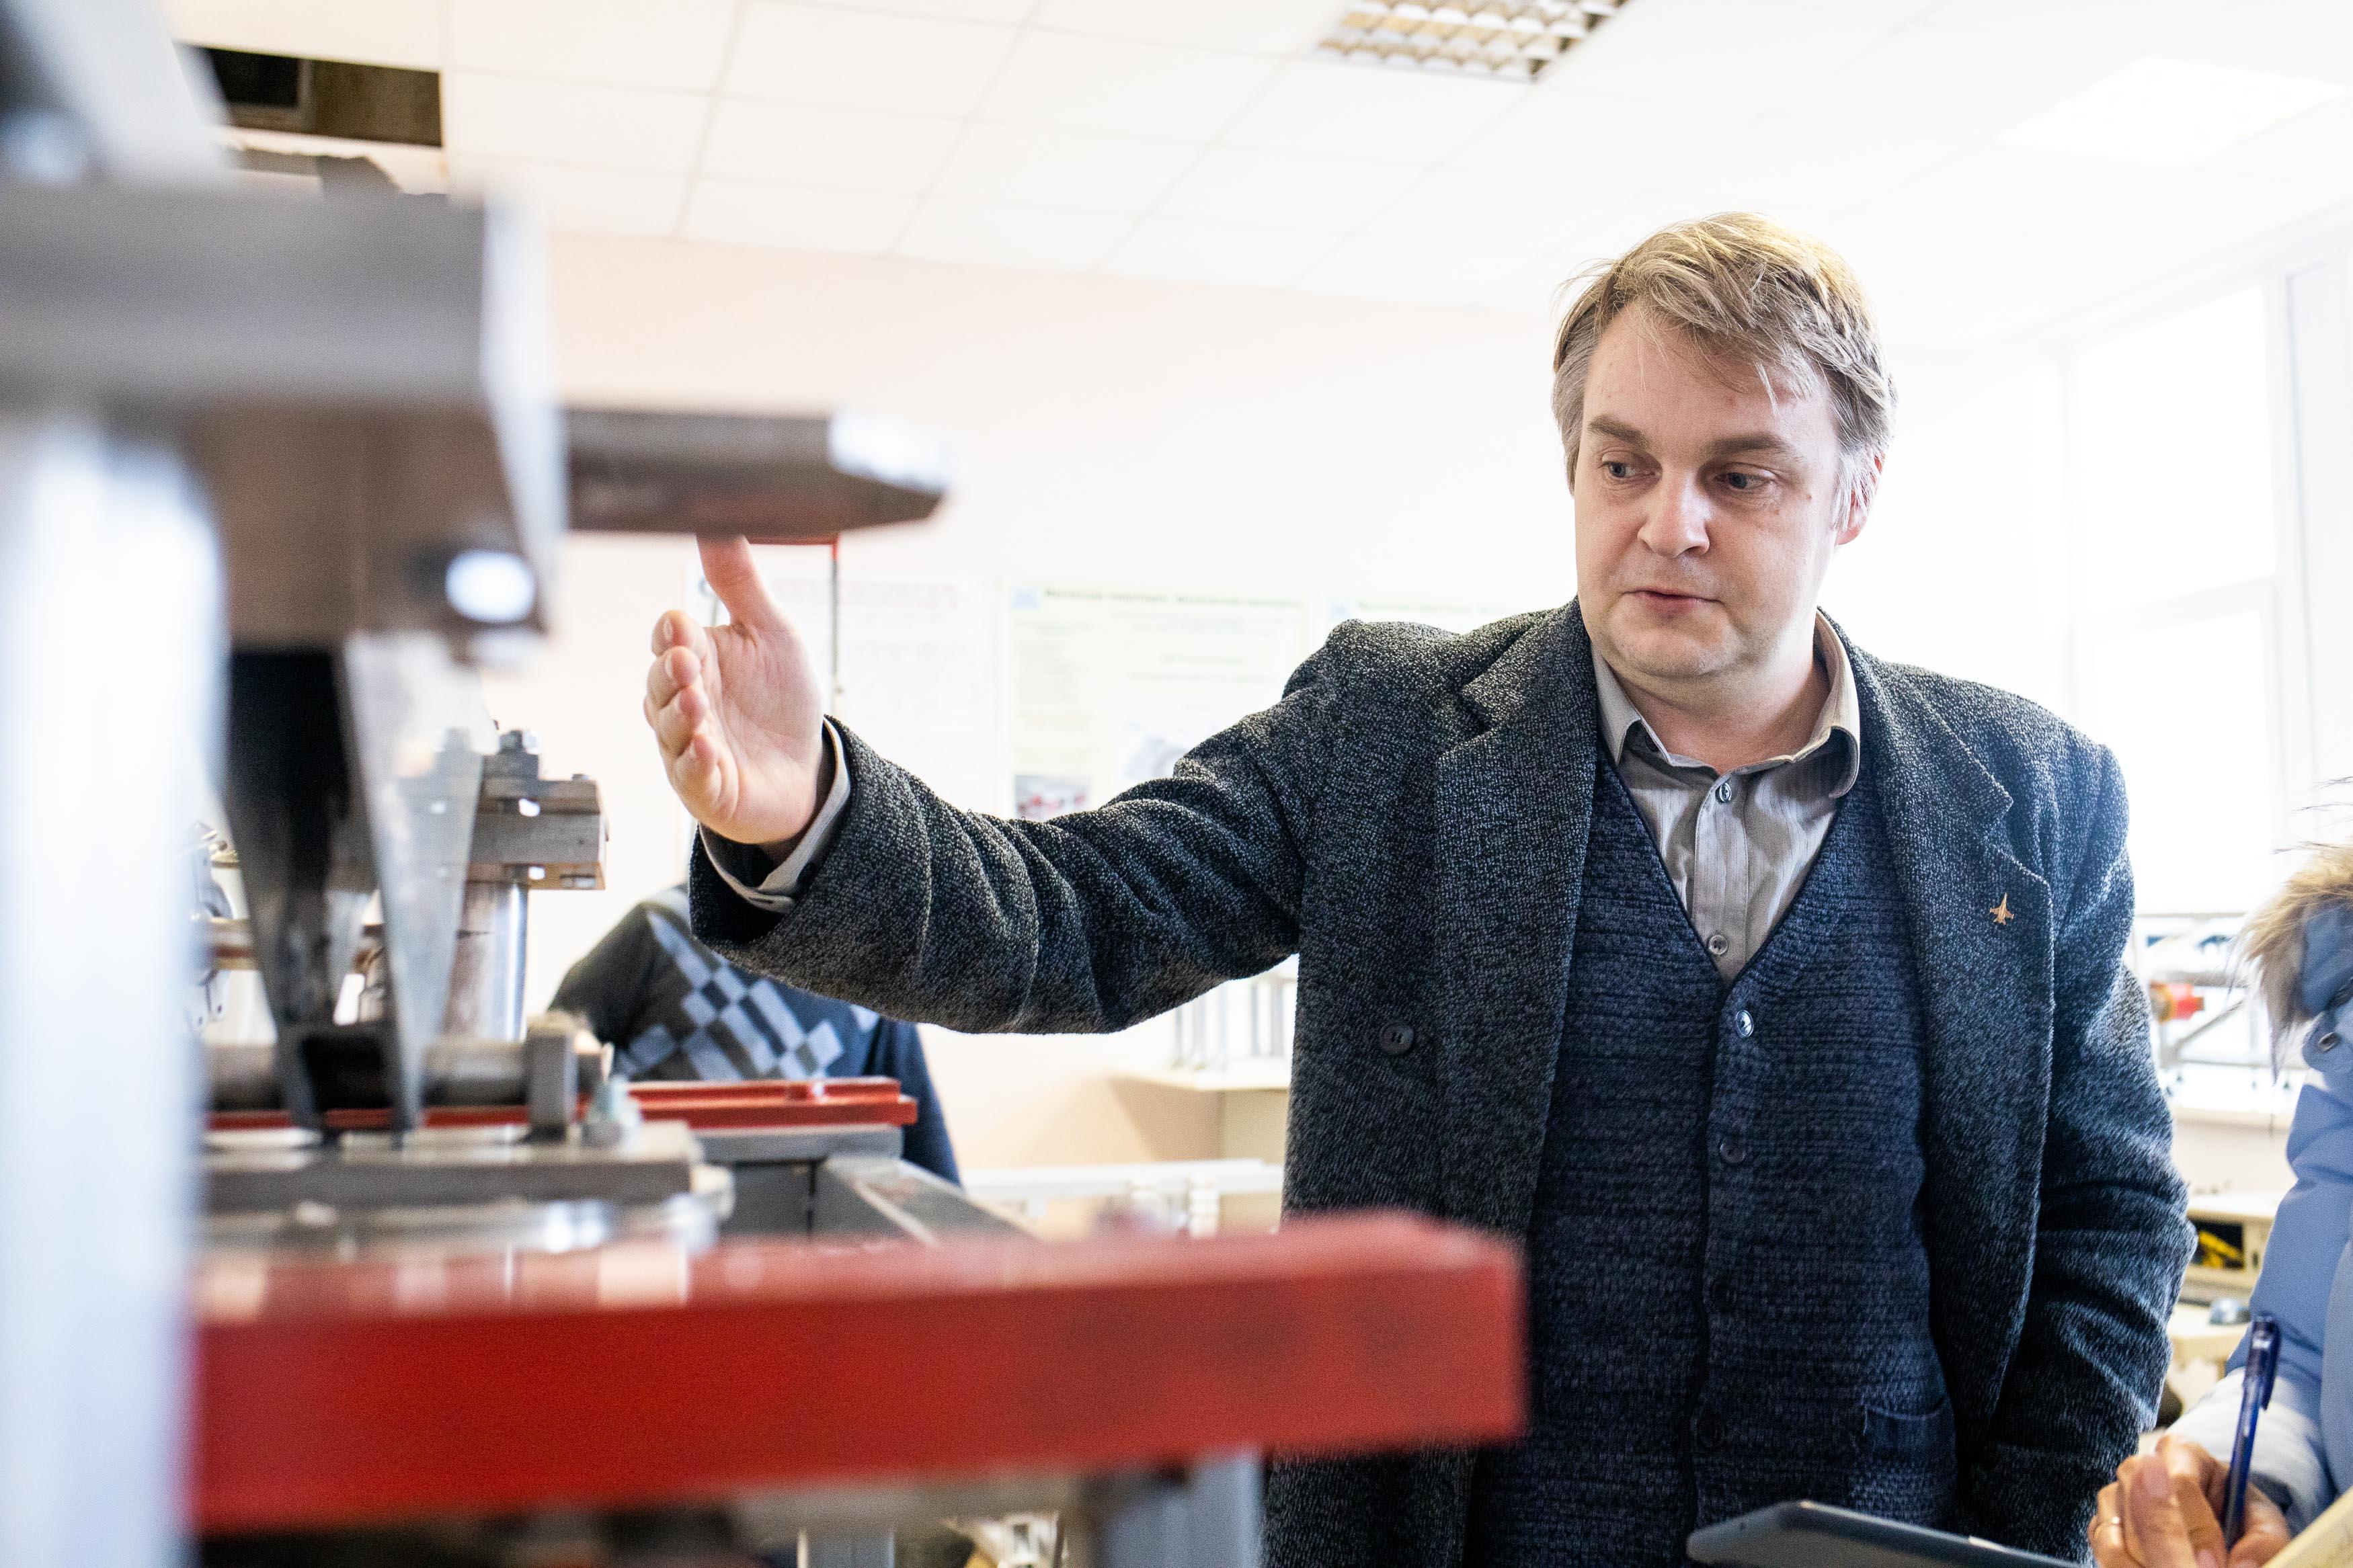 Начальник лаборатории НИИ электрофизической аппаратуры имени Д.В. Ефремова Алексей Фирсов. Фото ©LIFE / Стас Вазовски